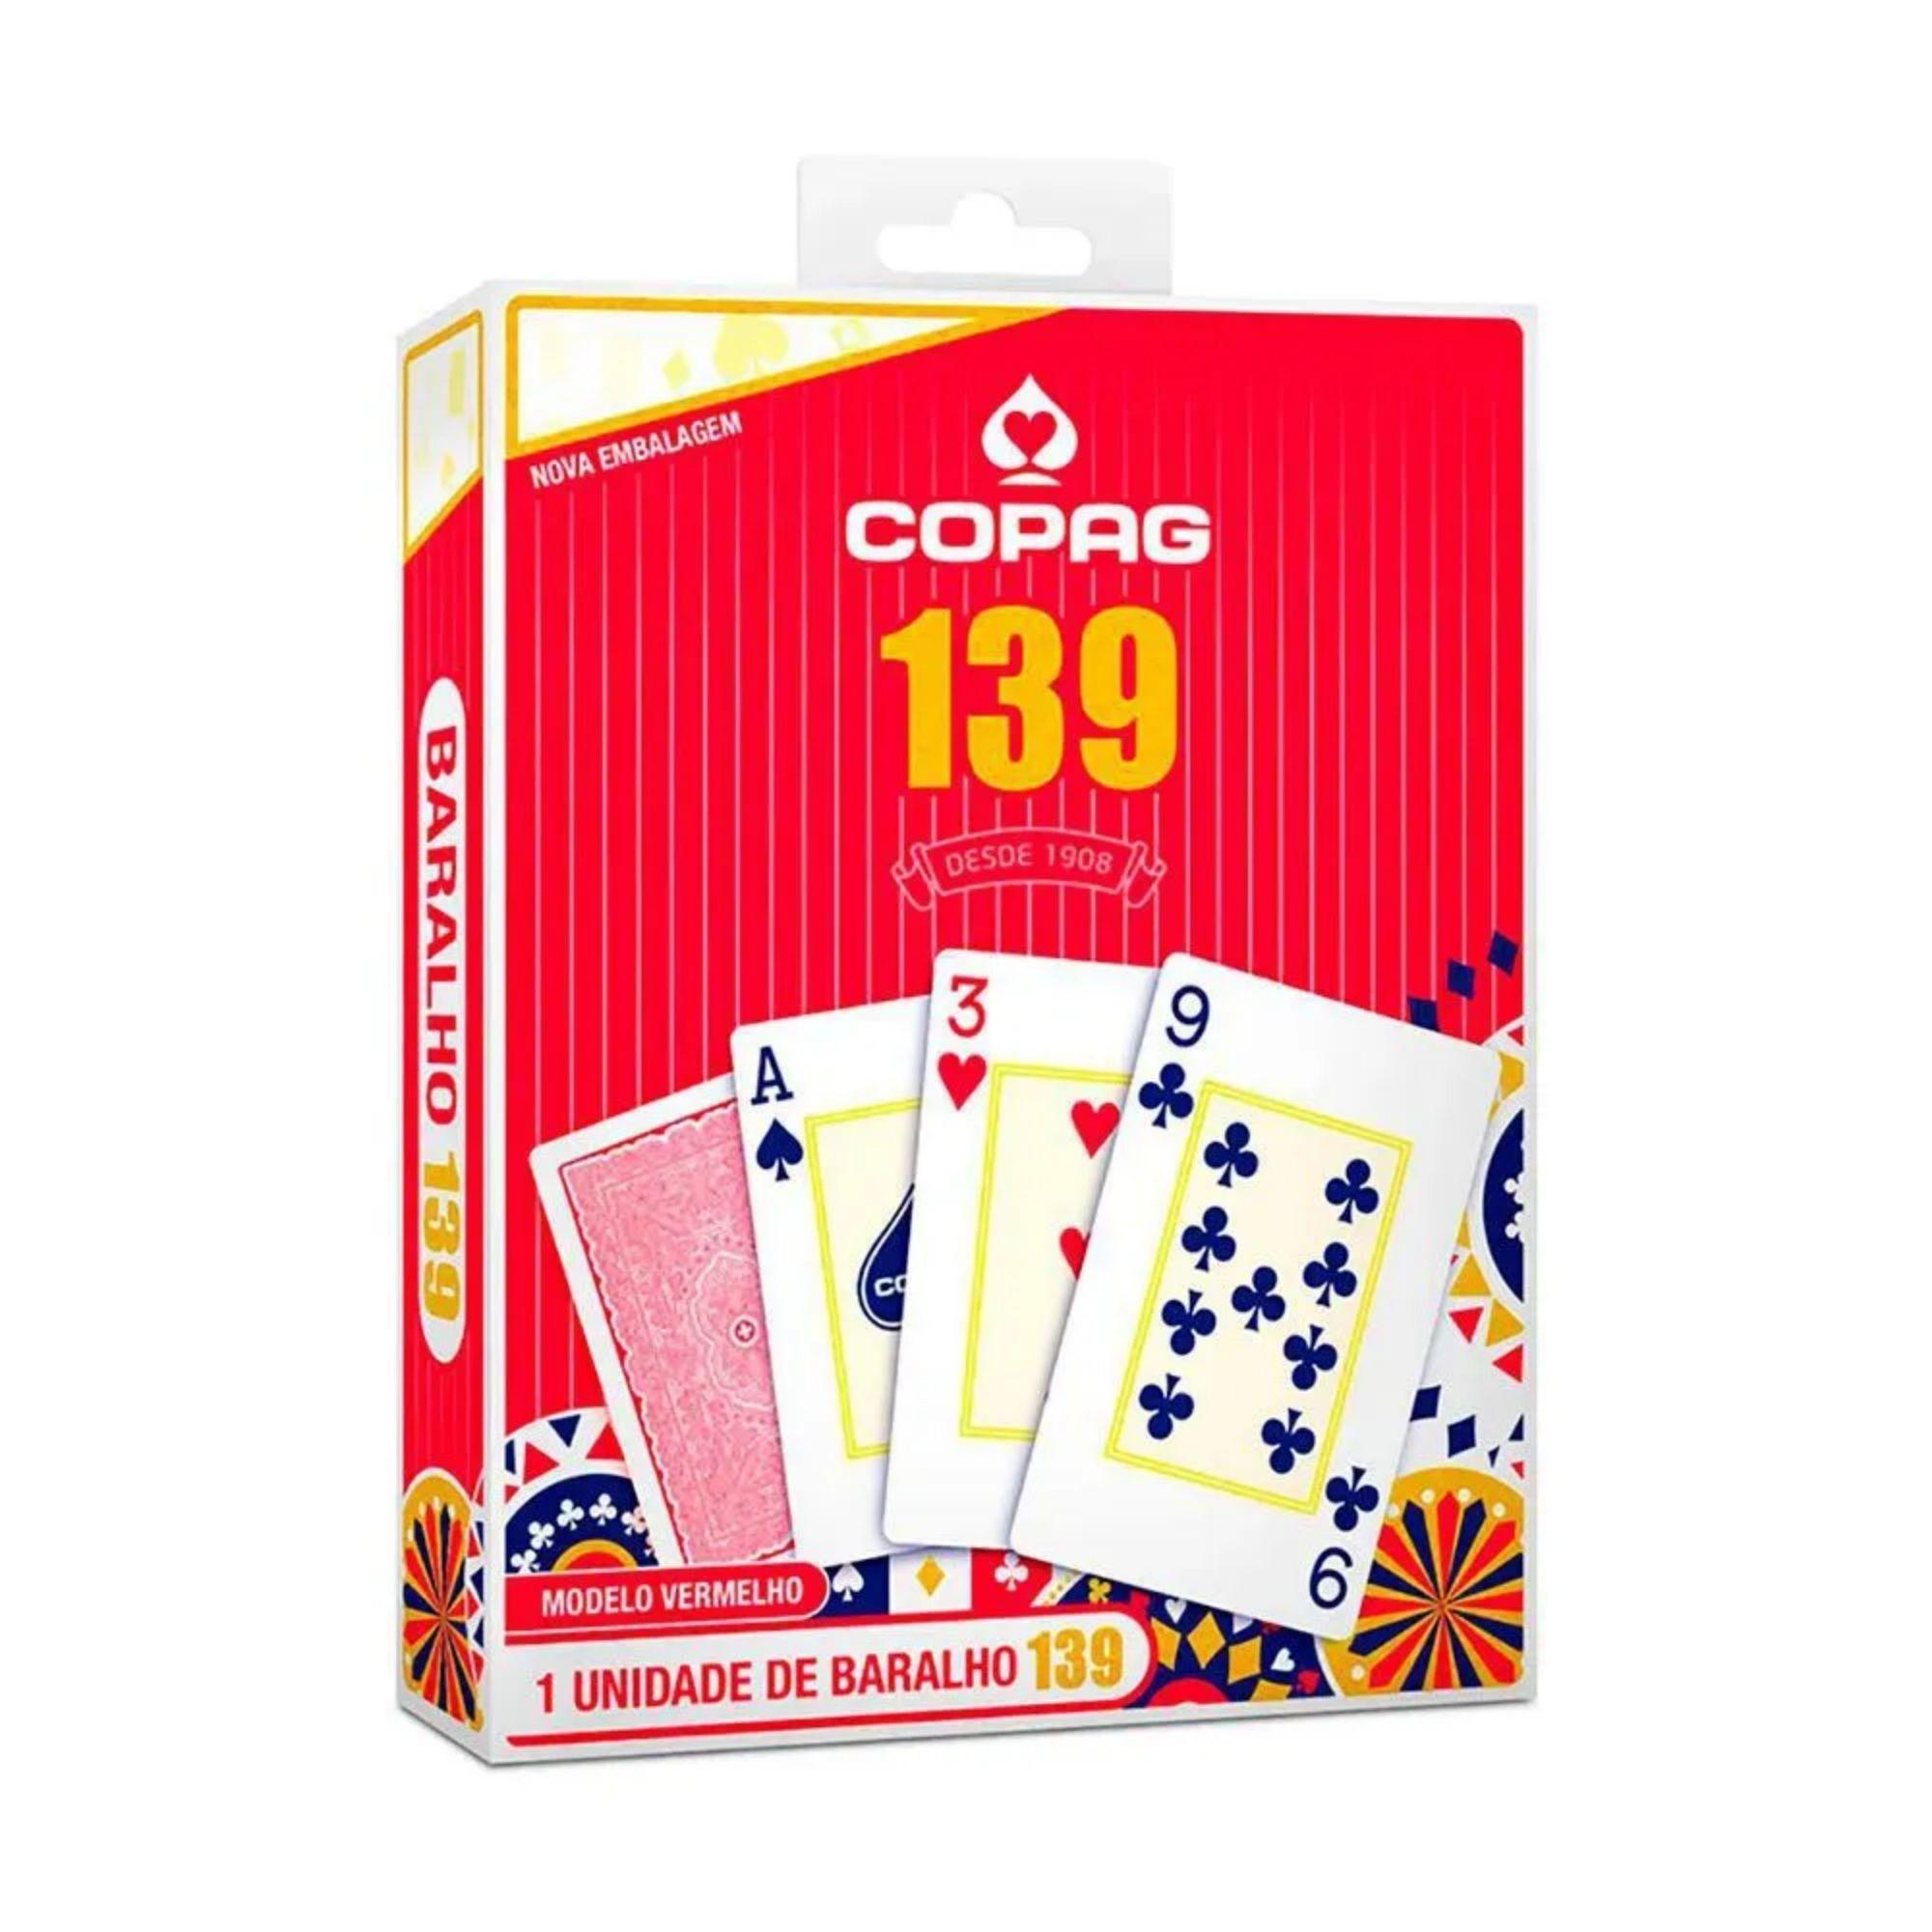 Baralho Copag 139 - 54 Cartas - Naipe Grande - Modelo Vermelho (98481)